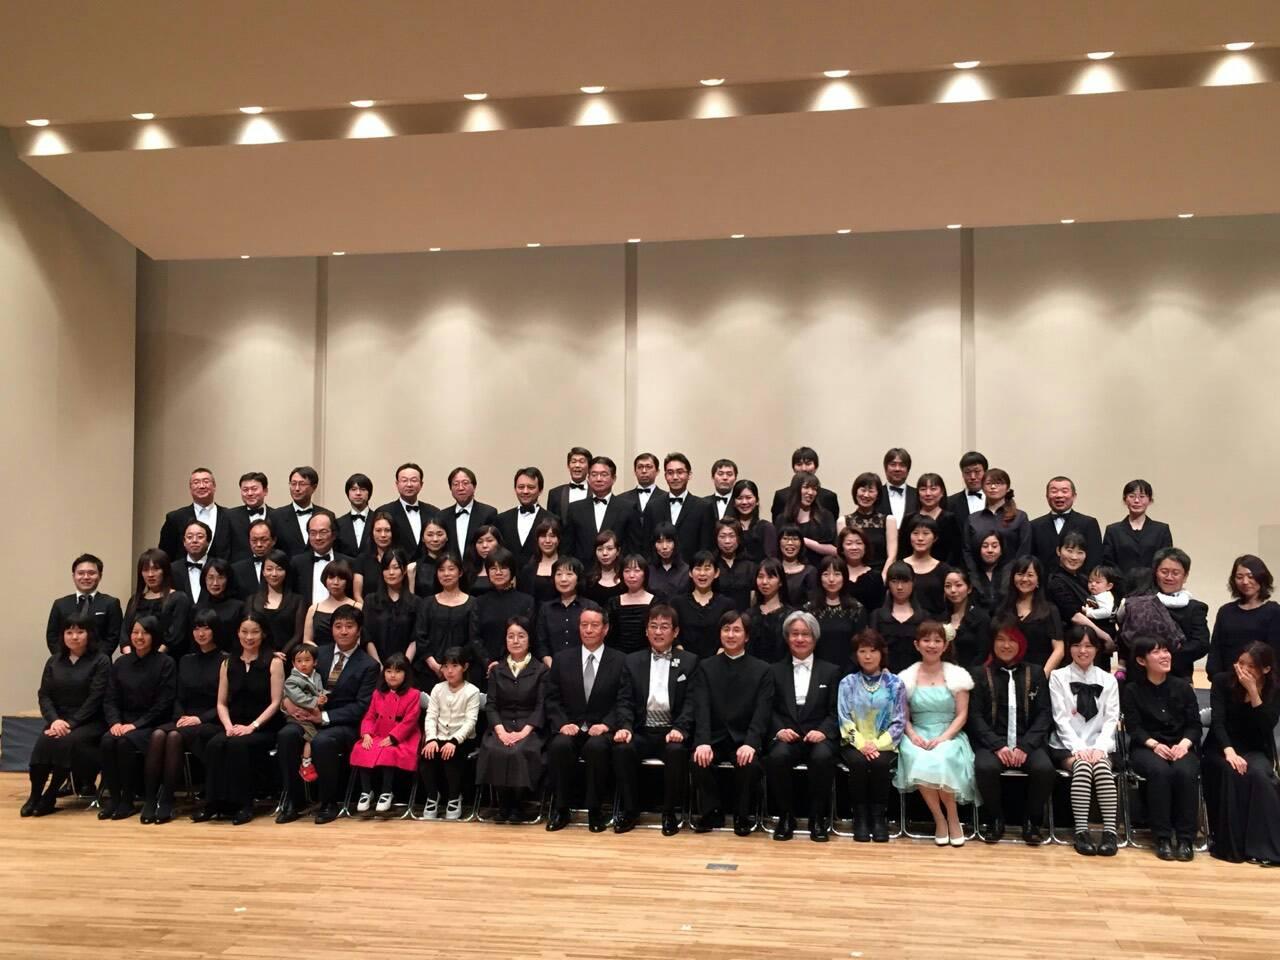 オーケストラで聴く人気アニメ音楽_a0163623_22331738.jpg